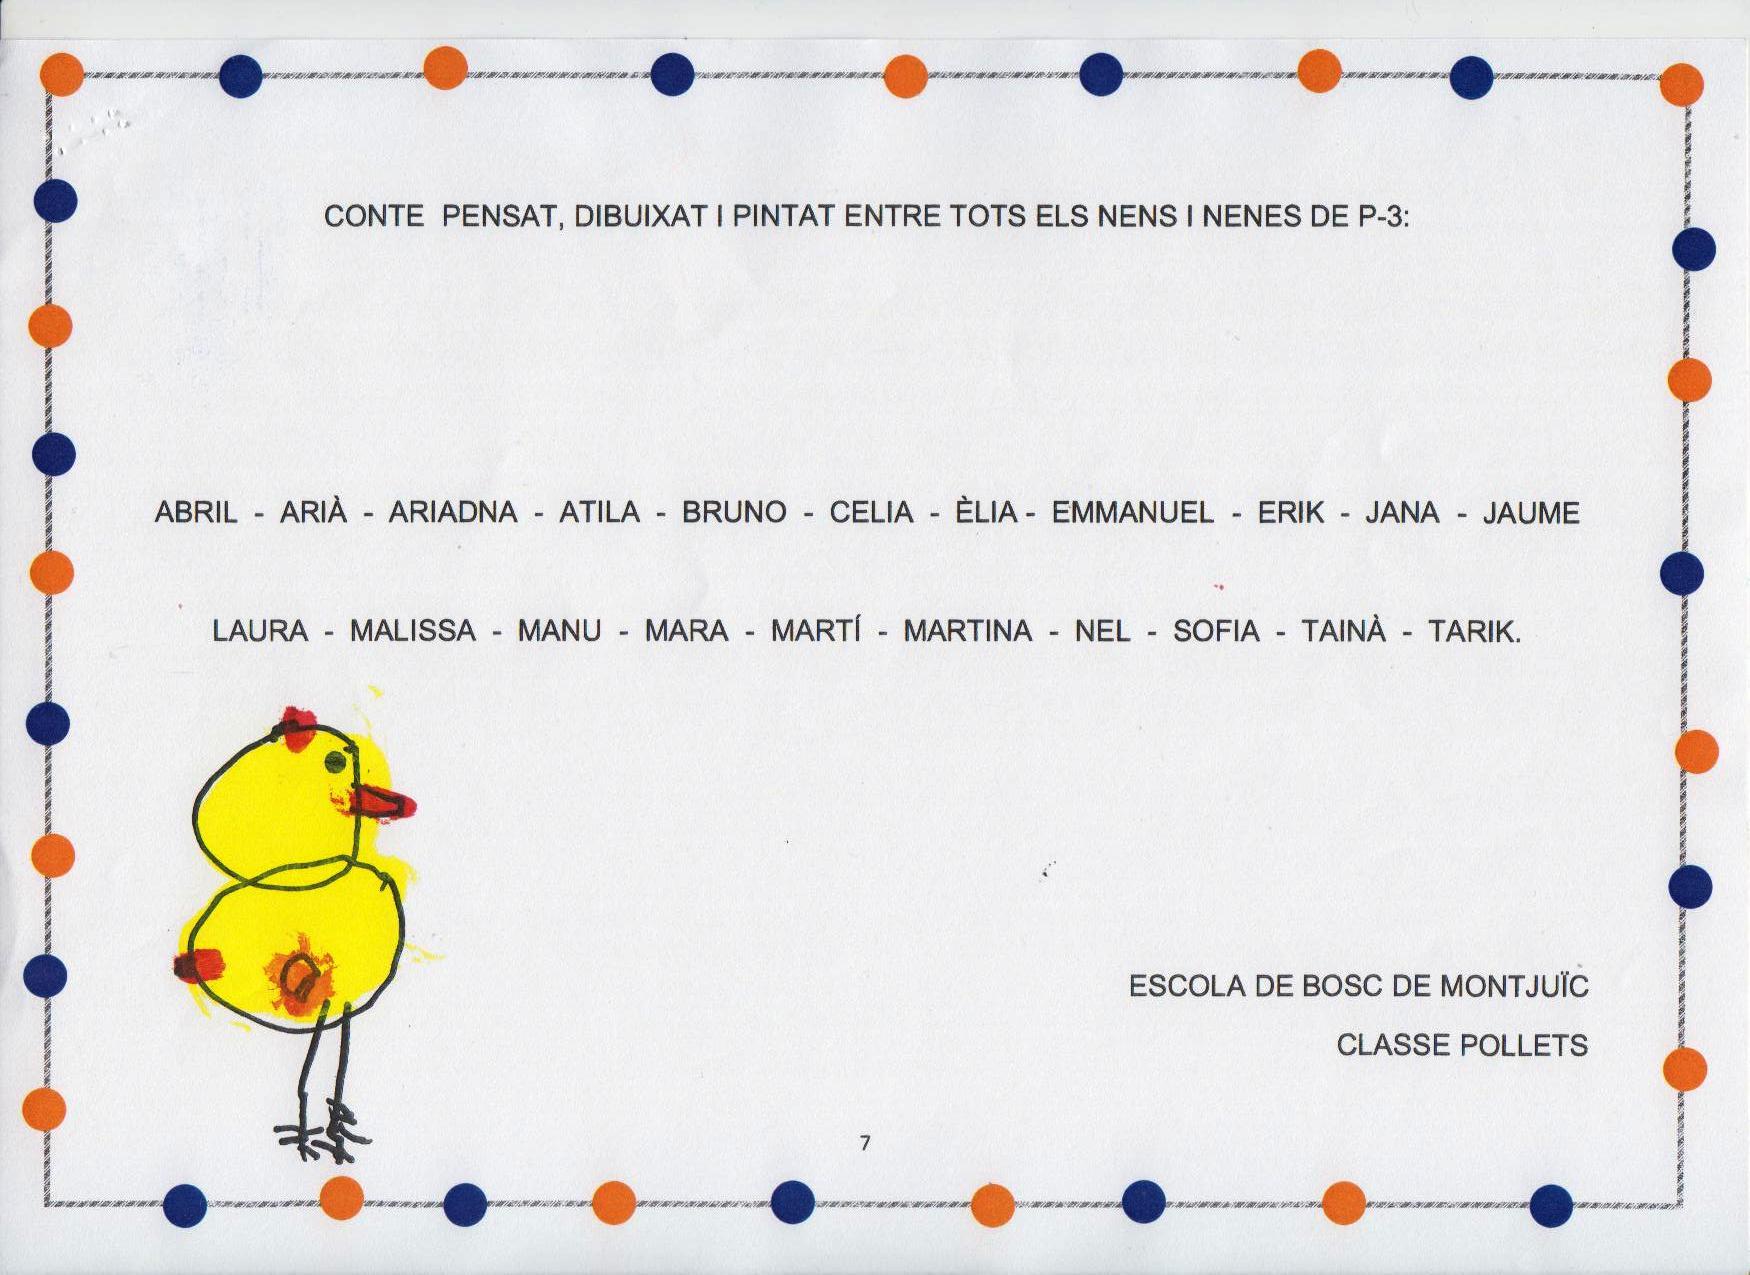 EL POLLET 7